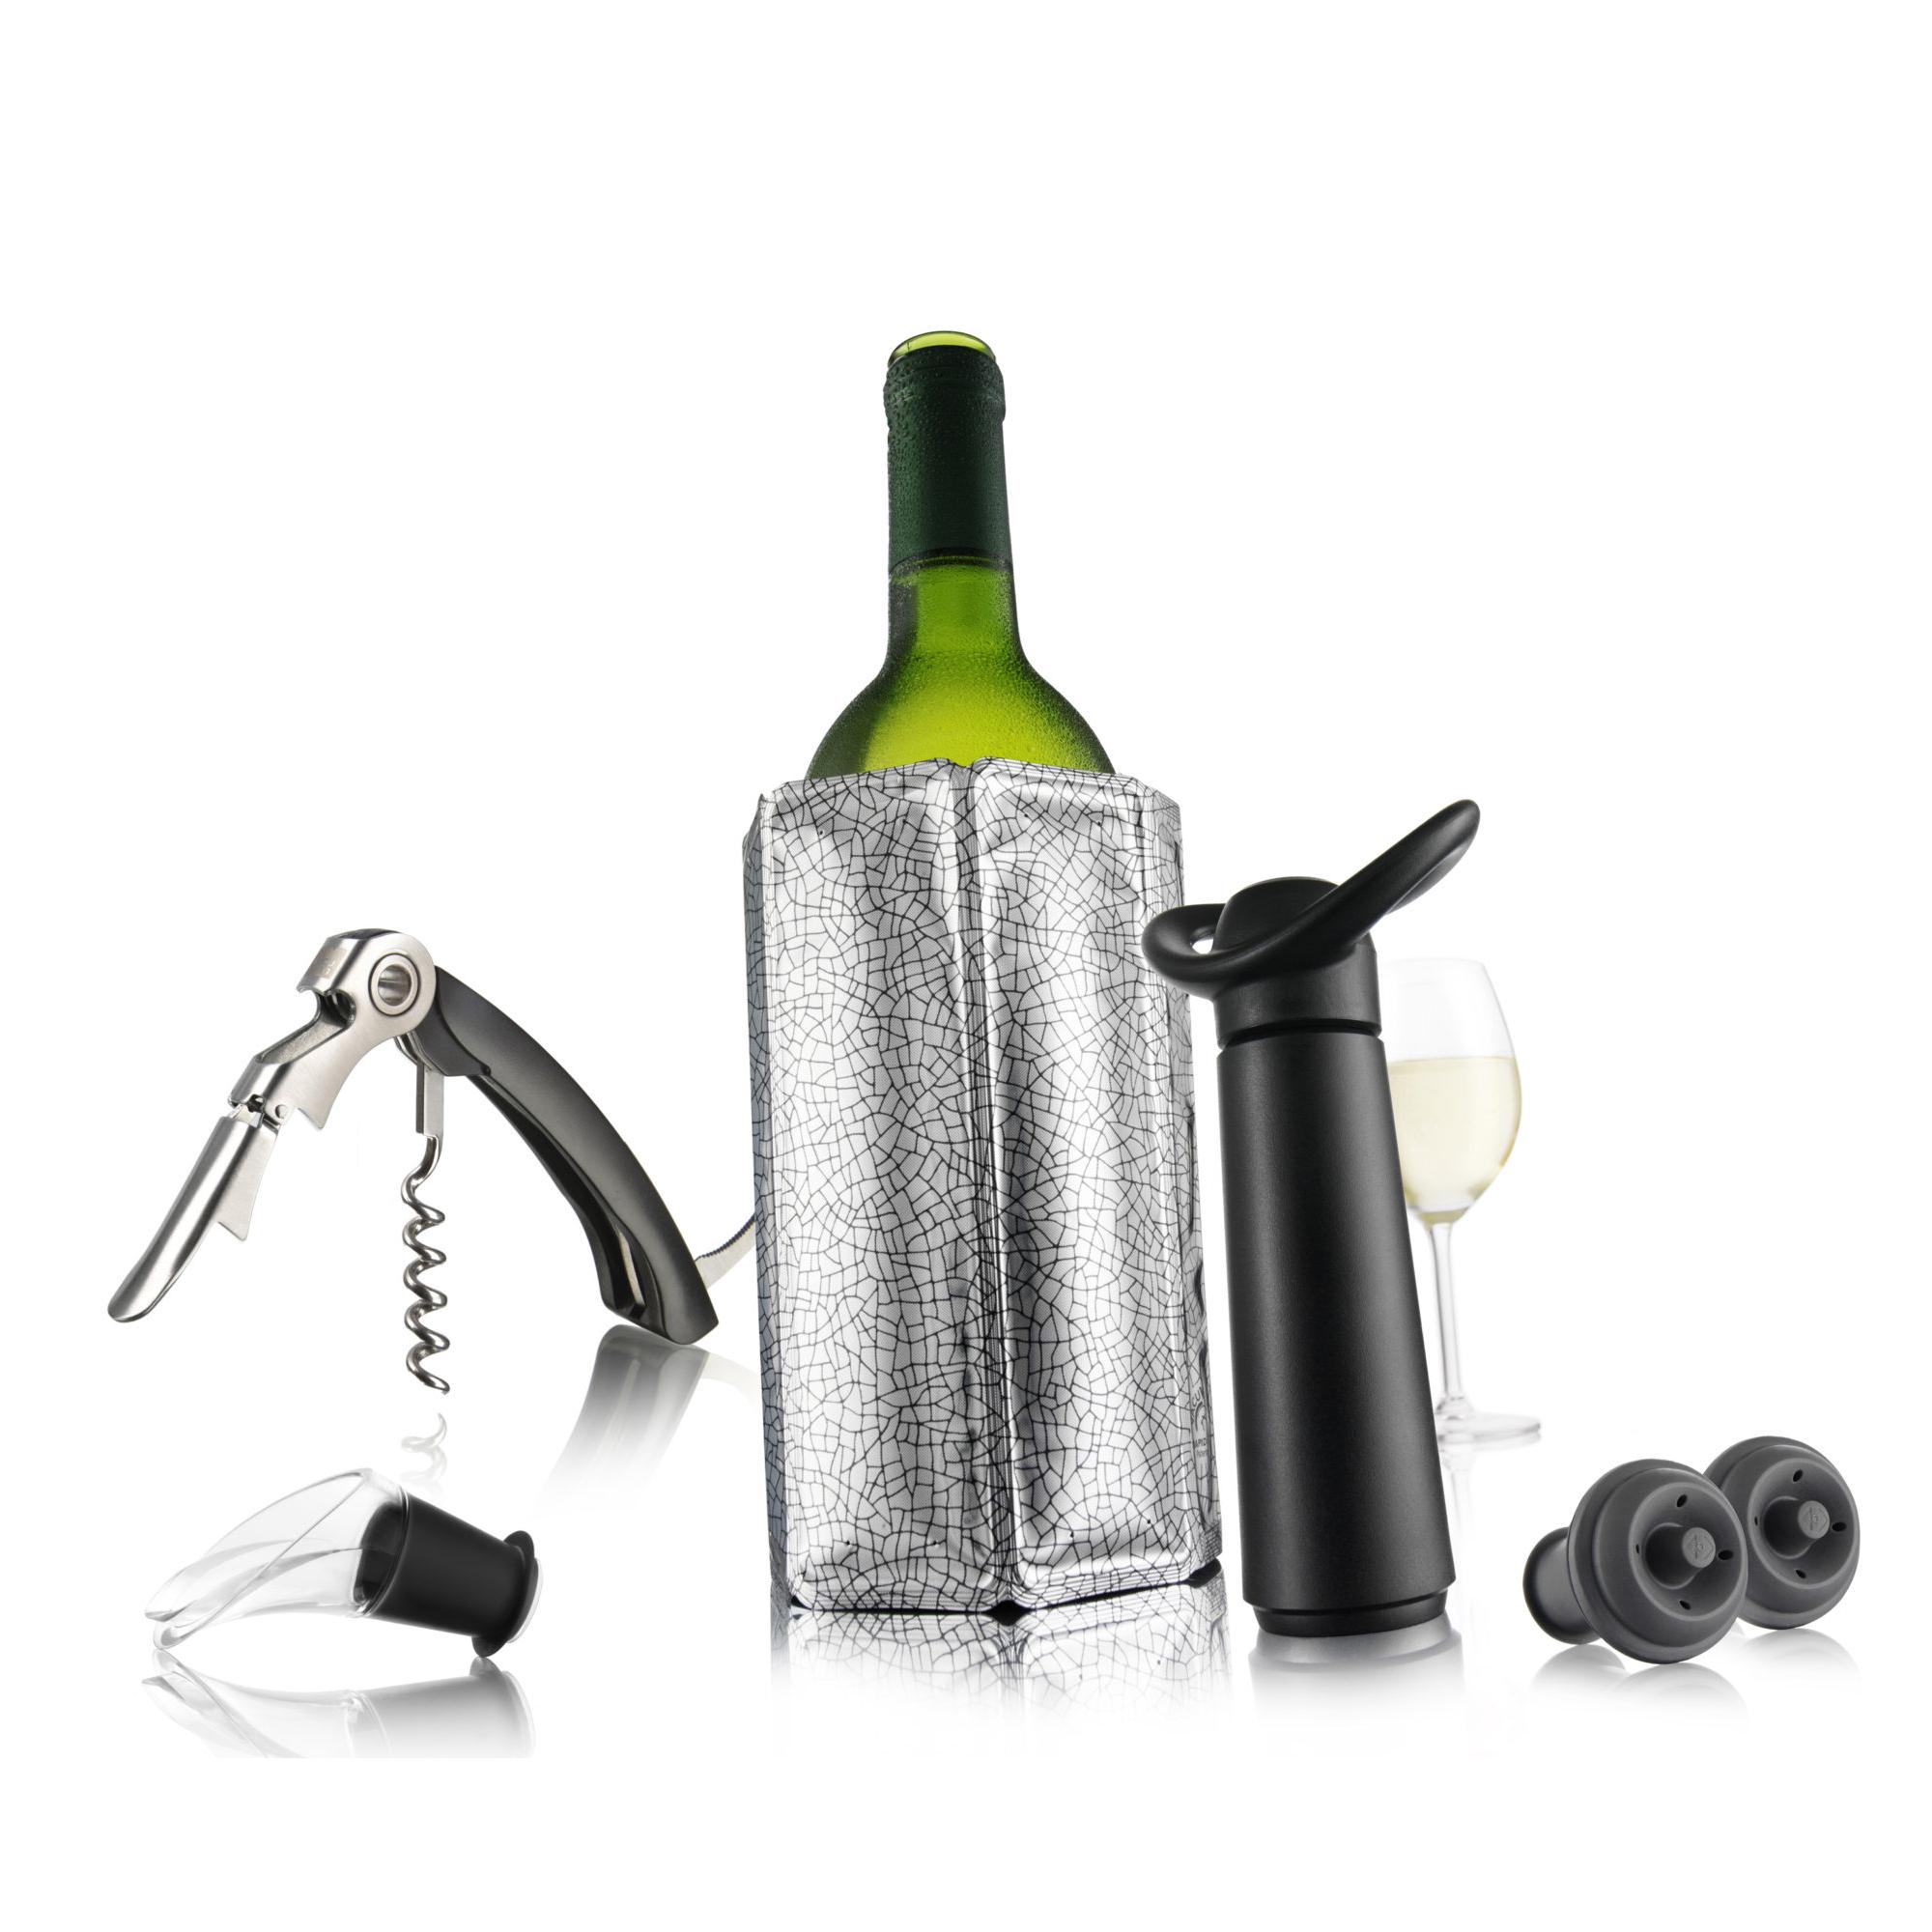 Фото - Подарочный набор для вина Vacu Vin из 6 предметов набор подарочный для вина 6 пред эксперт